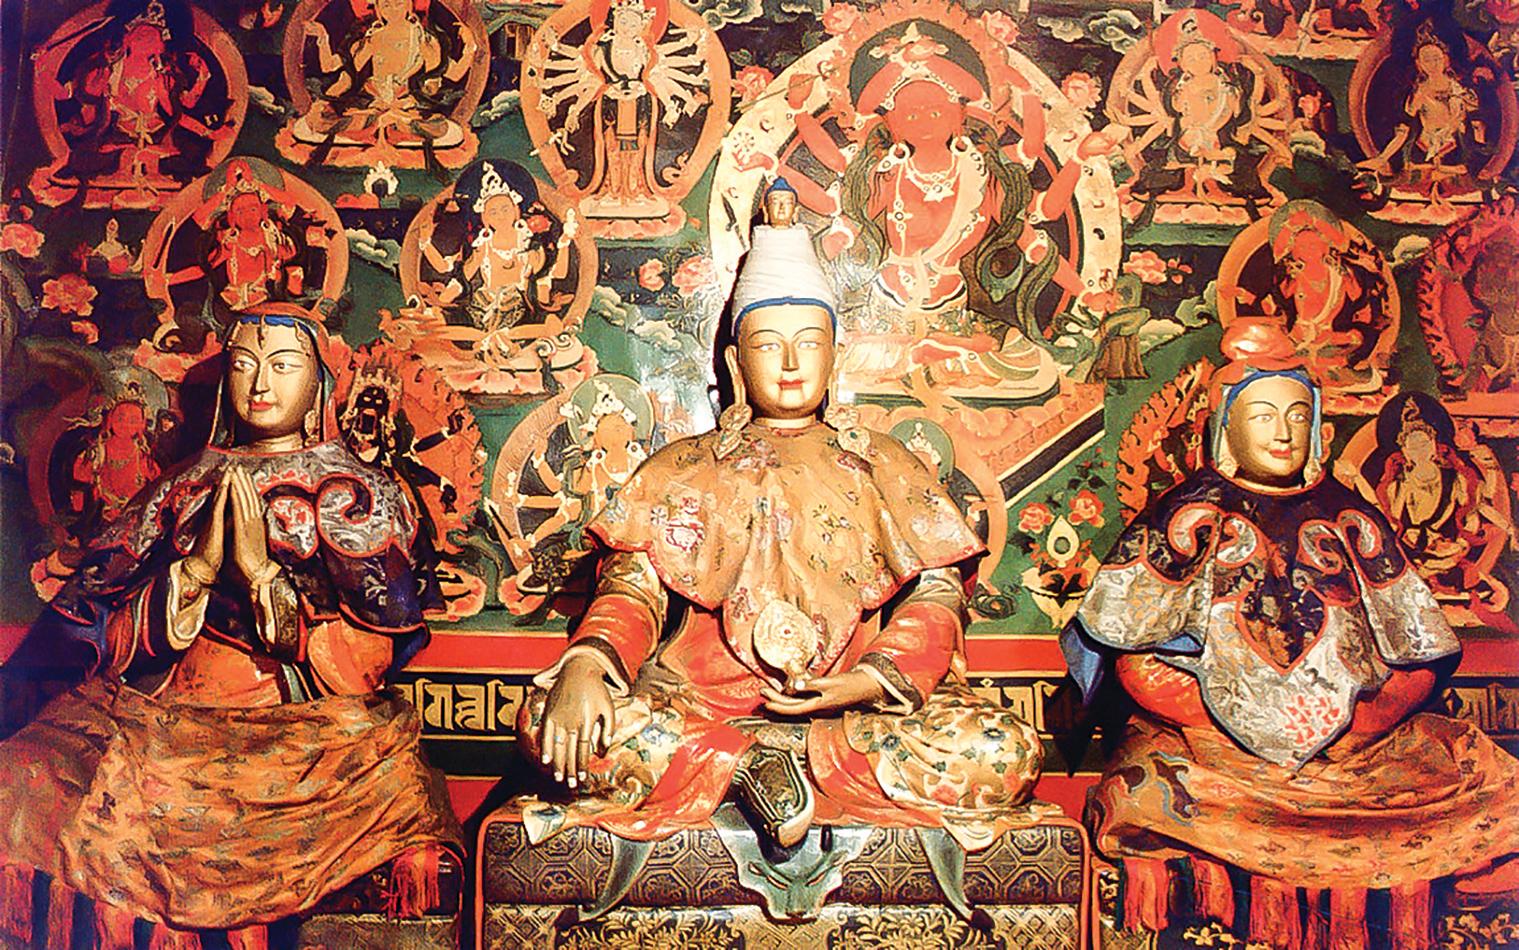 松贊干布(中)與文成公主(右)、尺尊公主(左)的塑像。(公有領域)